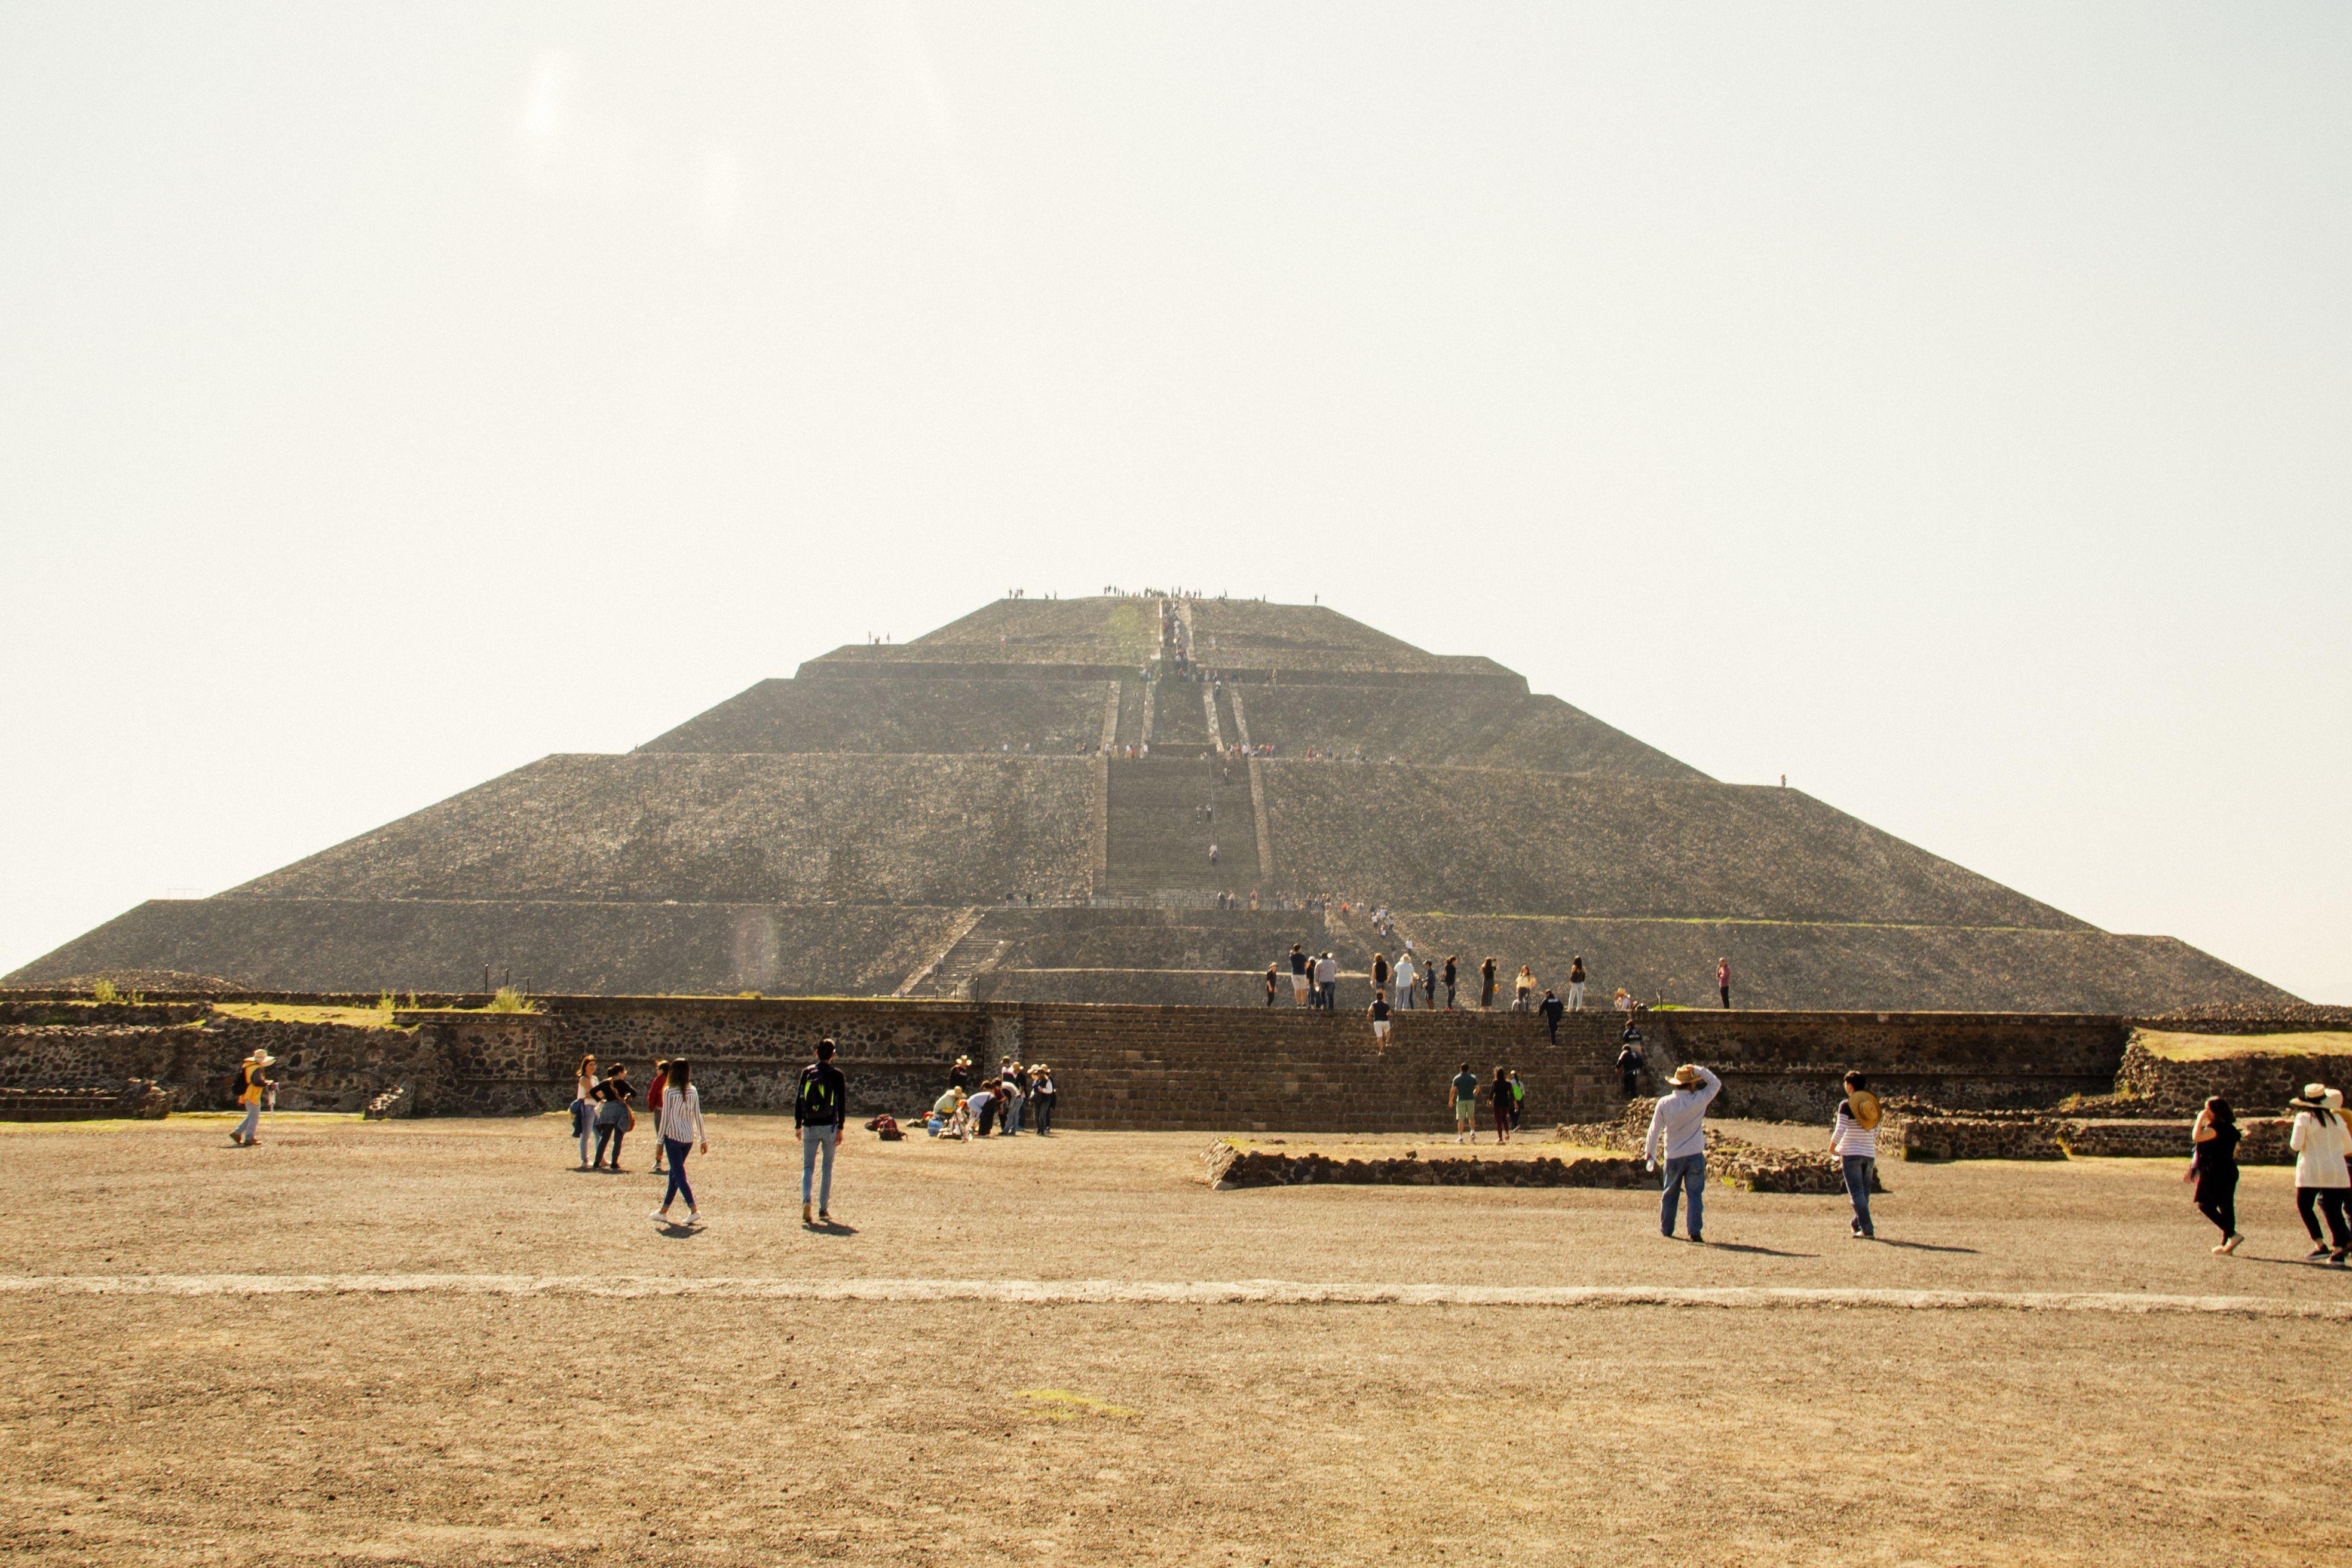 Plano general de la pirámide del sol